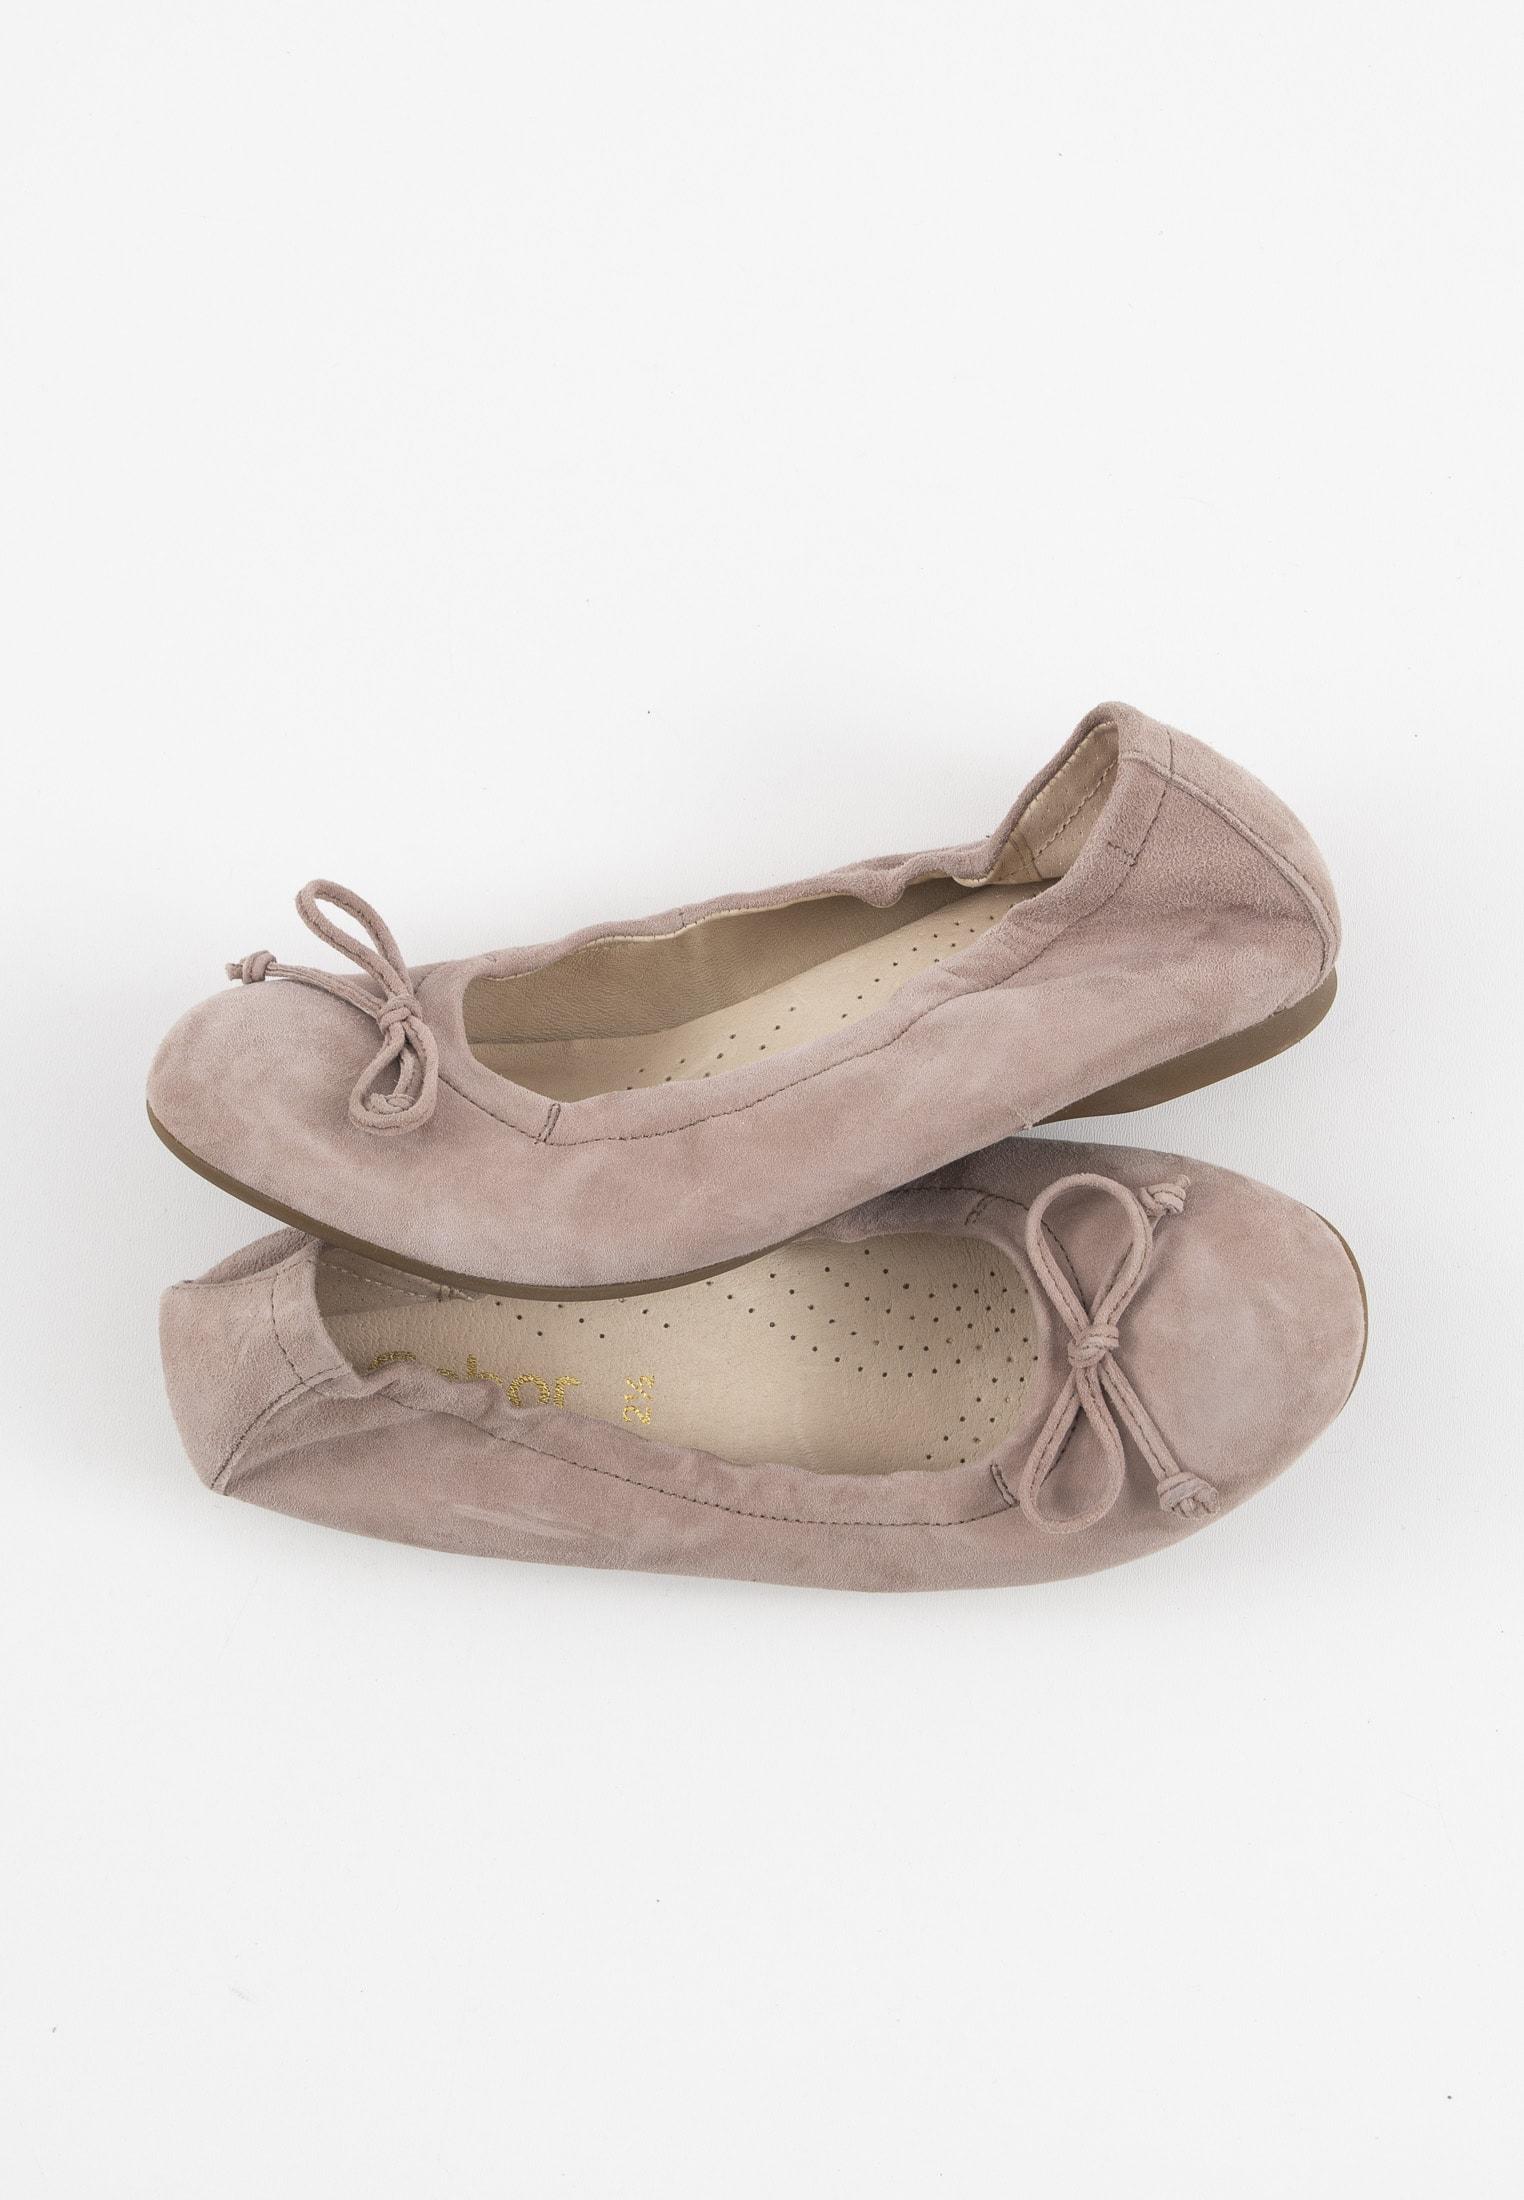 Gabor Halbschuh / Ballerina Pink Gr.35